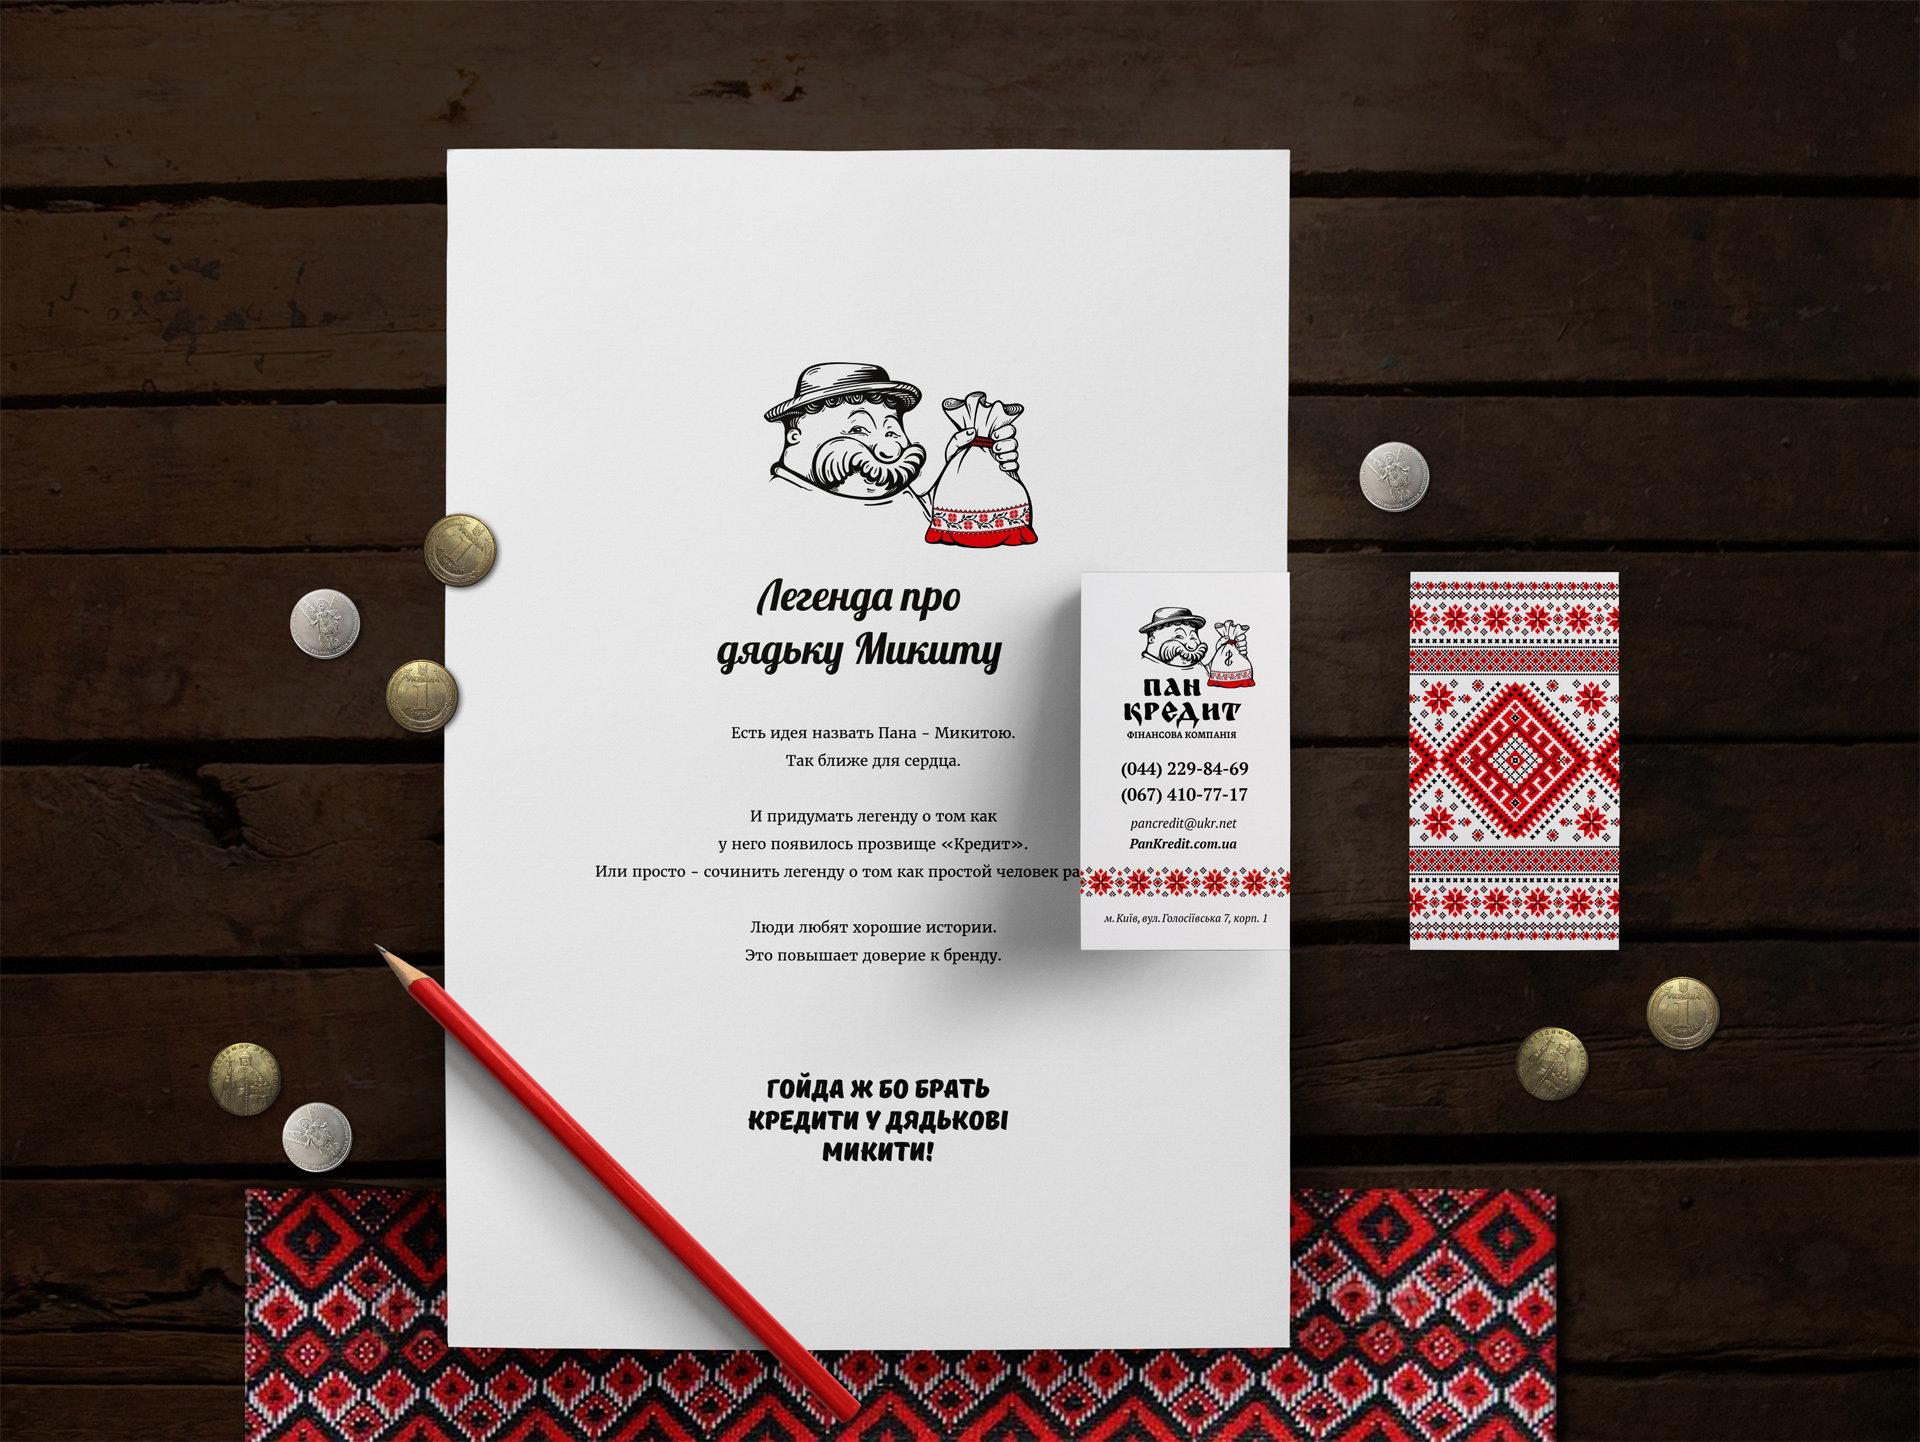 Разработка фирменного стиля и логотипа кредитной компании, logo design, ukraine style, ornament logo, finance company